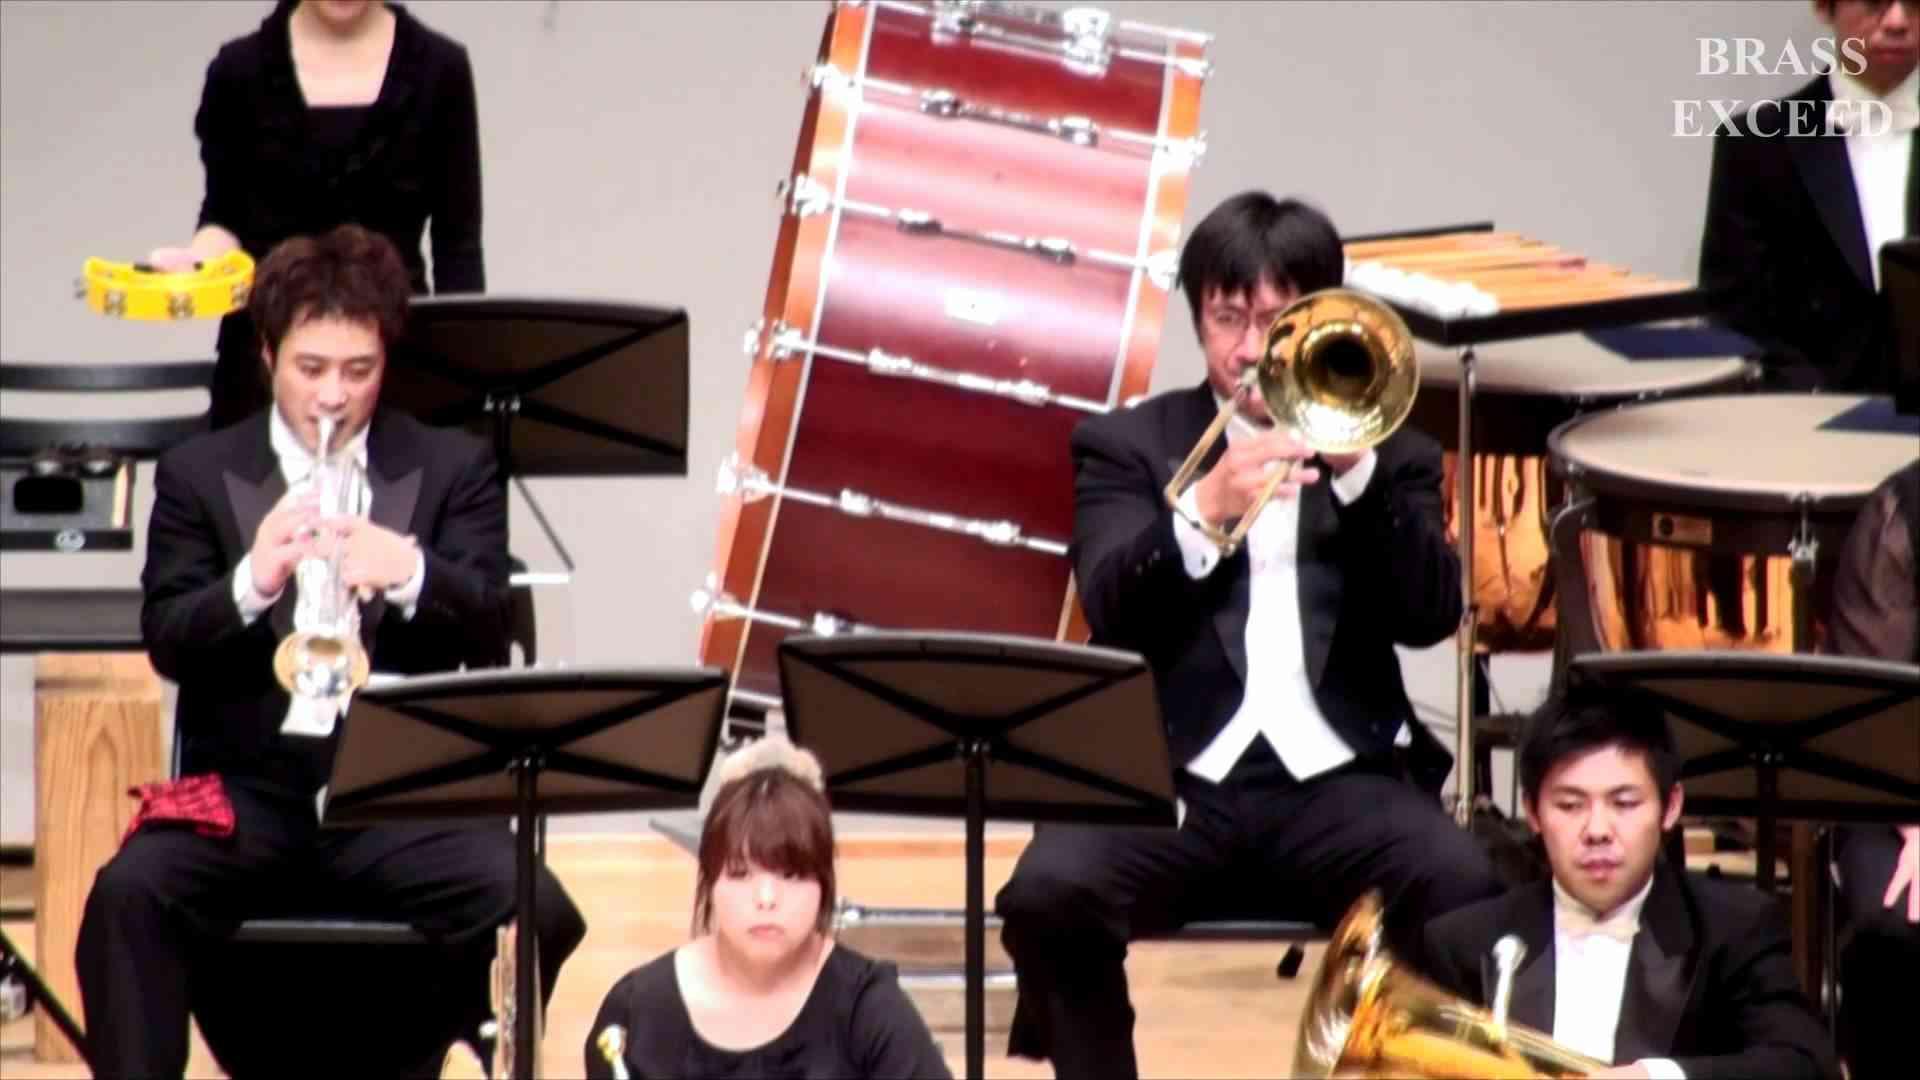 交響組曲「ドラゴンクエストⅡ」この道わが旅 BRASS EXCEED TOKYO - YouTube